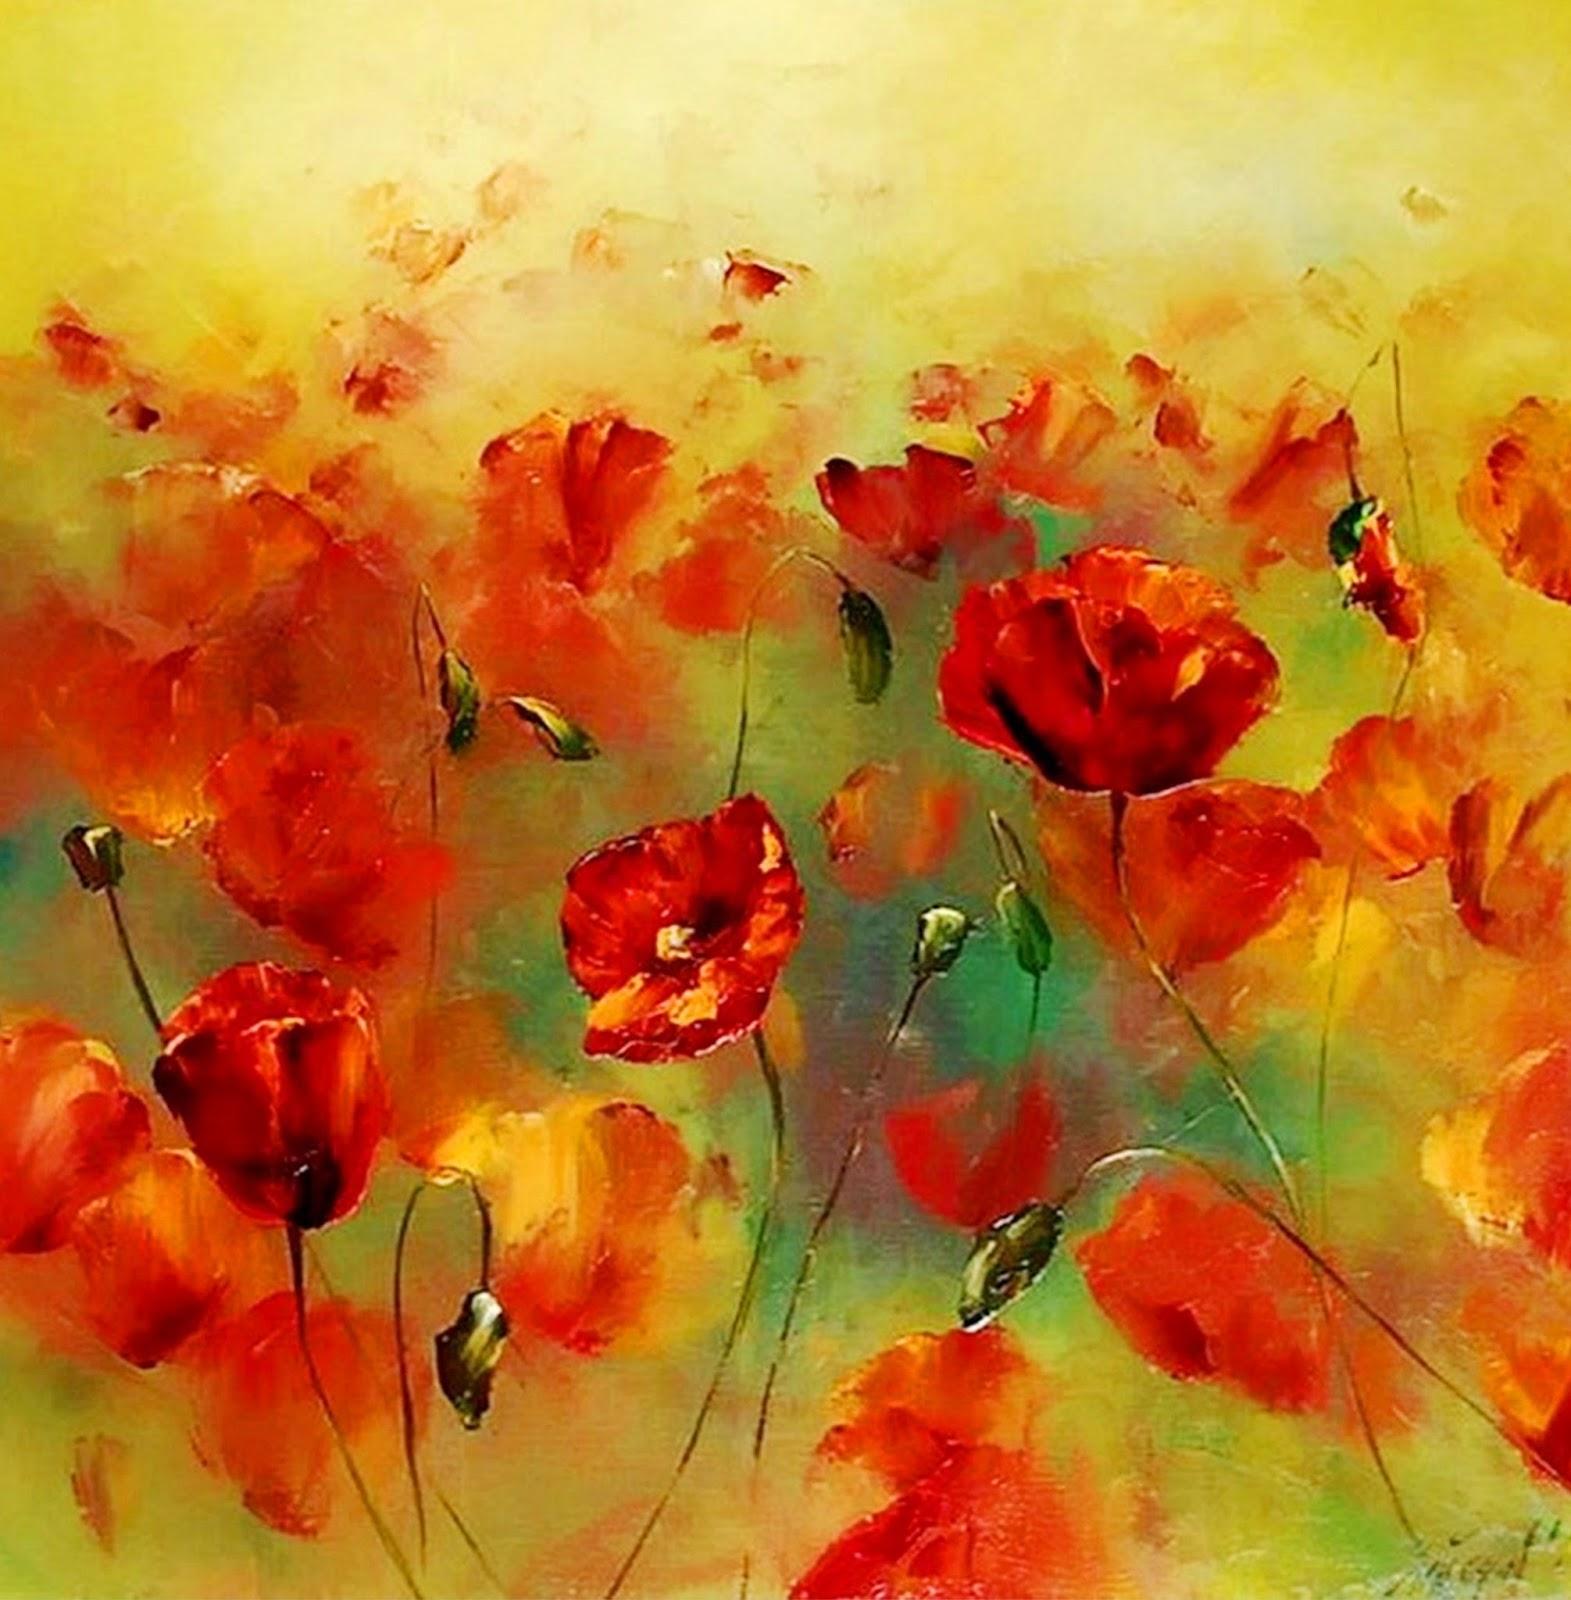 Cuadros, pinturas, oleos: Pintura Moderna al Óleo (Flores)